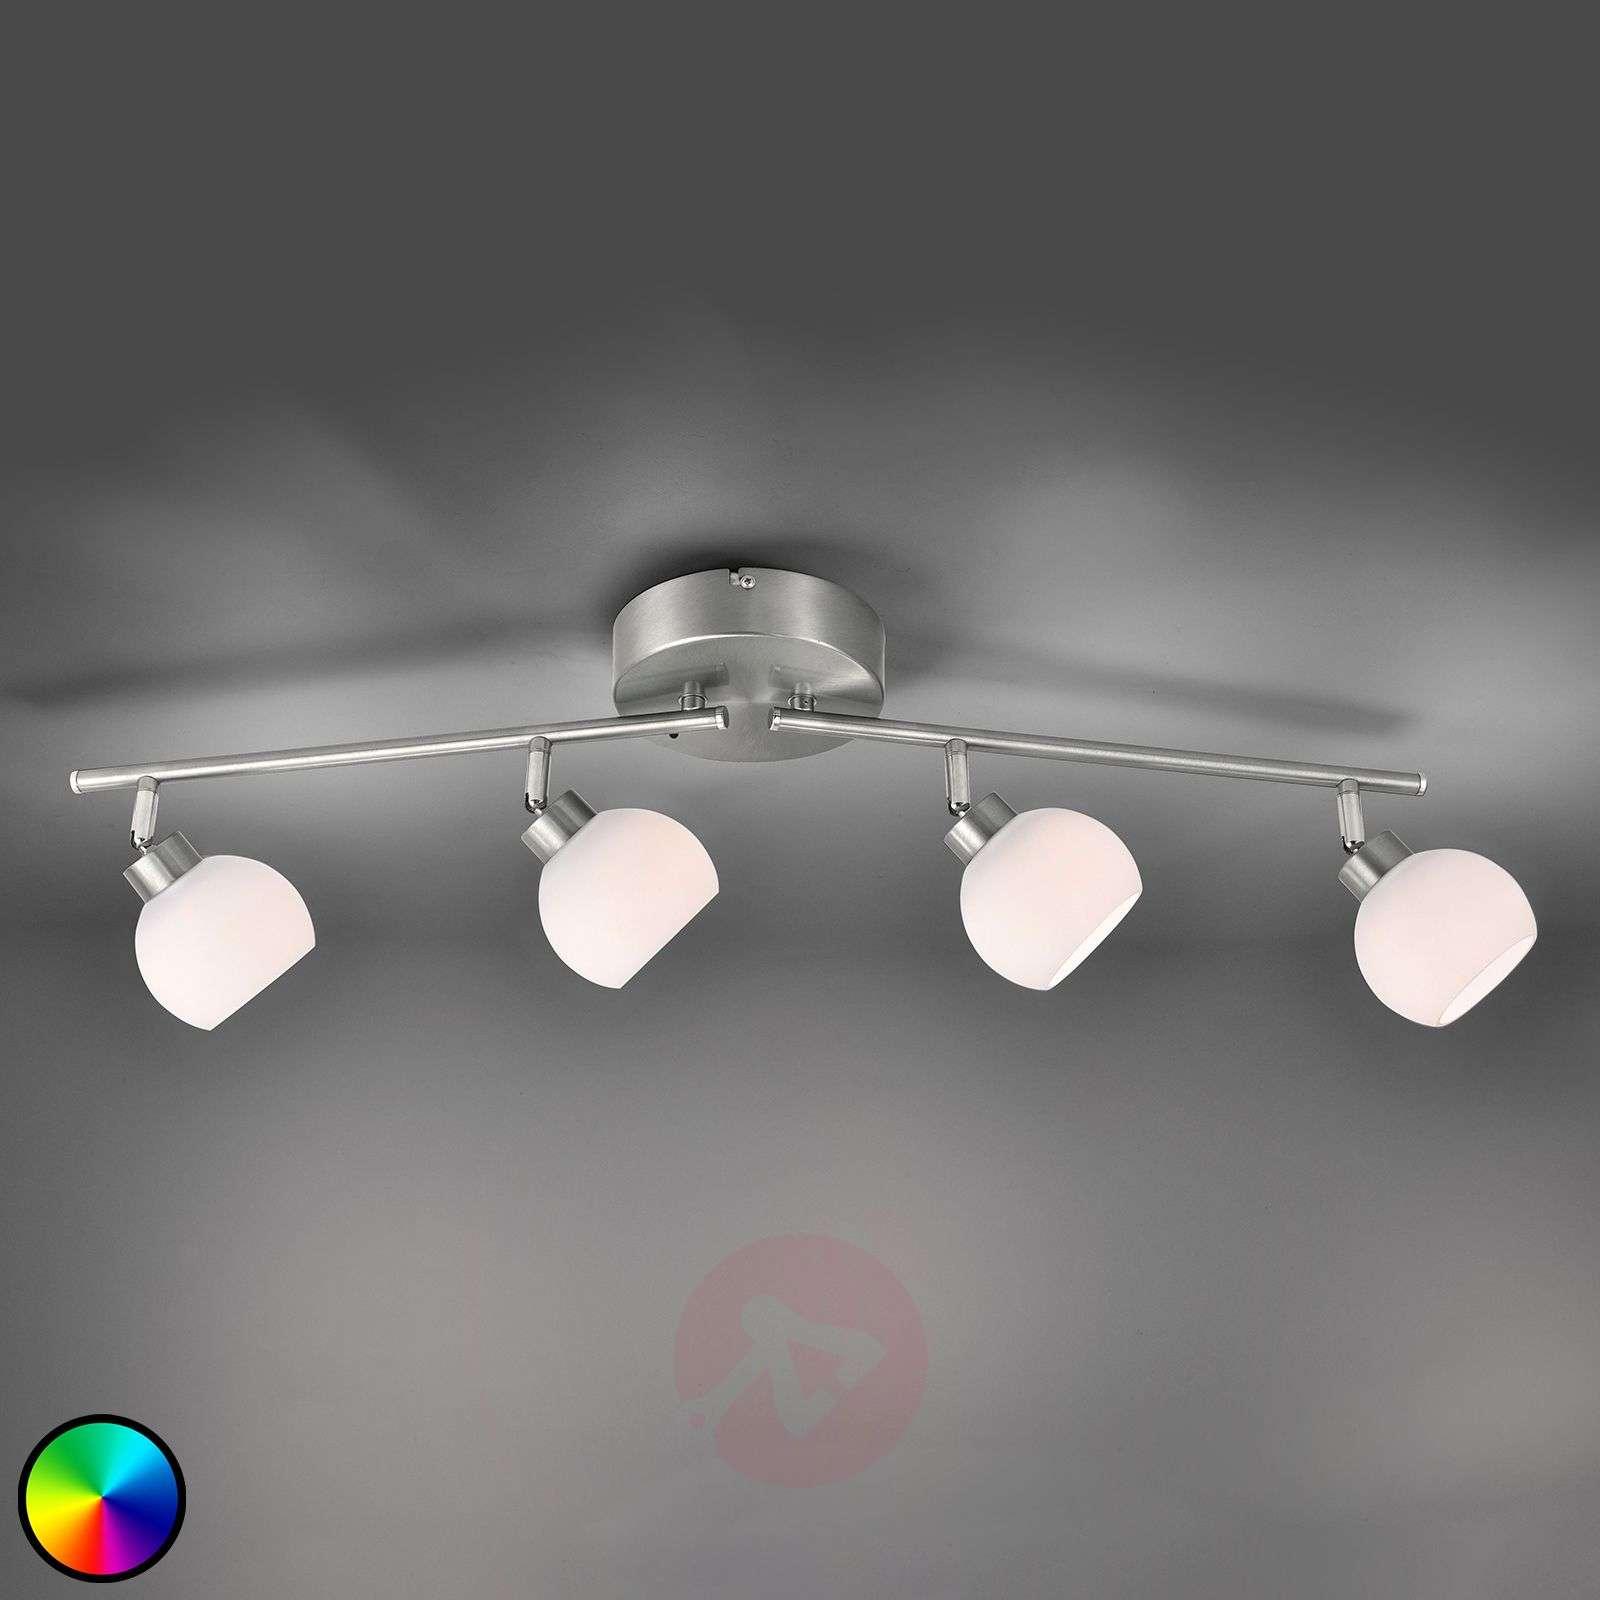 LED-kattovalaisin Yaeka, 4-lamppuinen, kaukosäädin-7620046-02